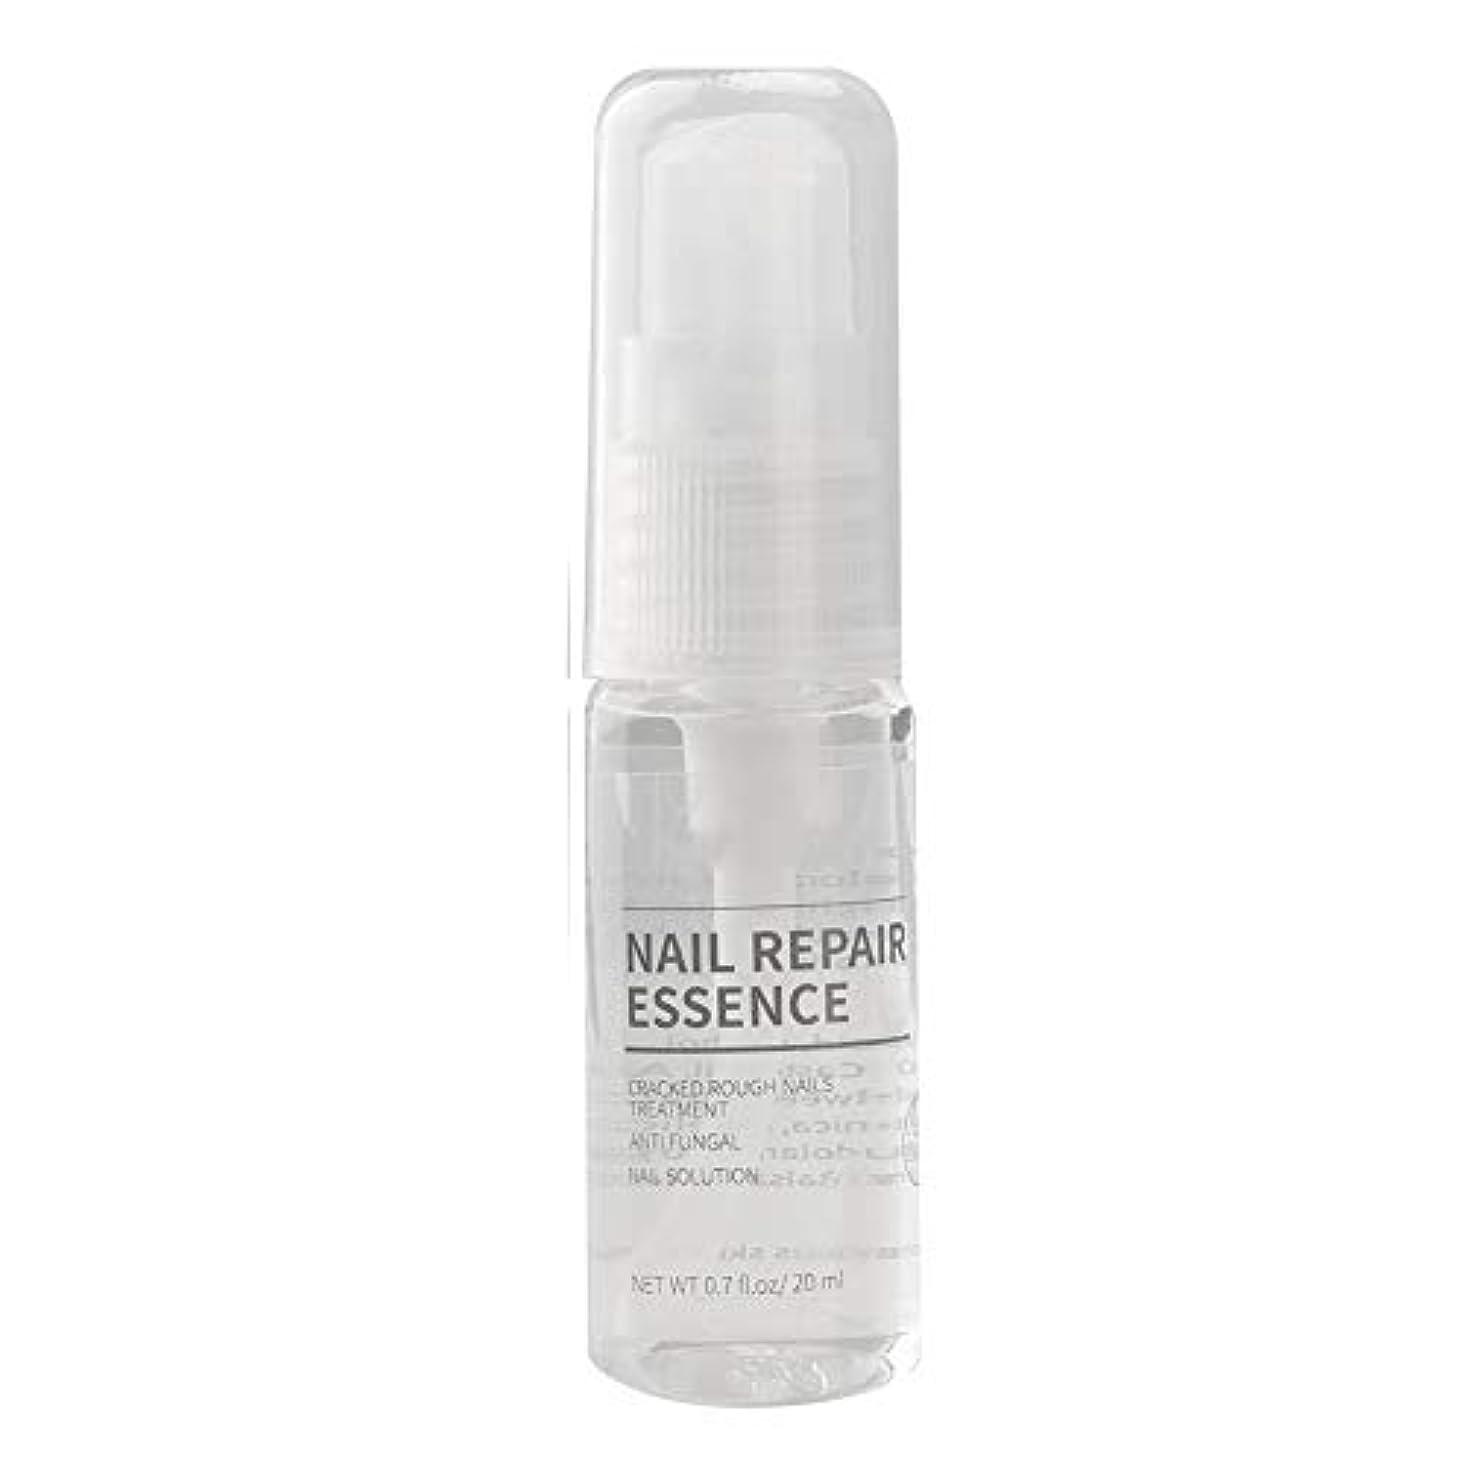 ベッドデッキバイソンネイルリペアリキッドケアソリューション、かゆみ臭いに対して効果的な脆いひびの入った爪から保護、足の爪ケアスプレーペンシル20ml